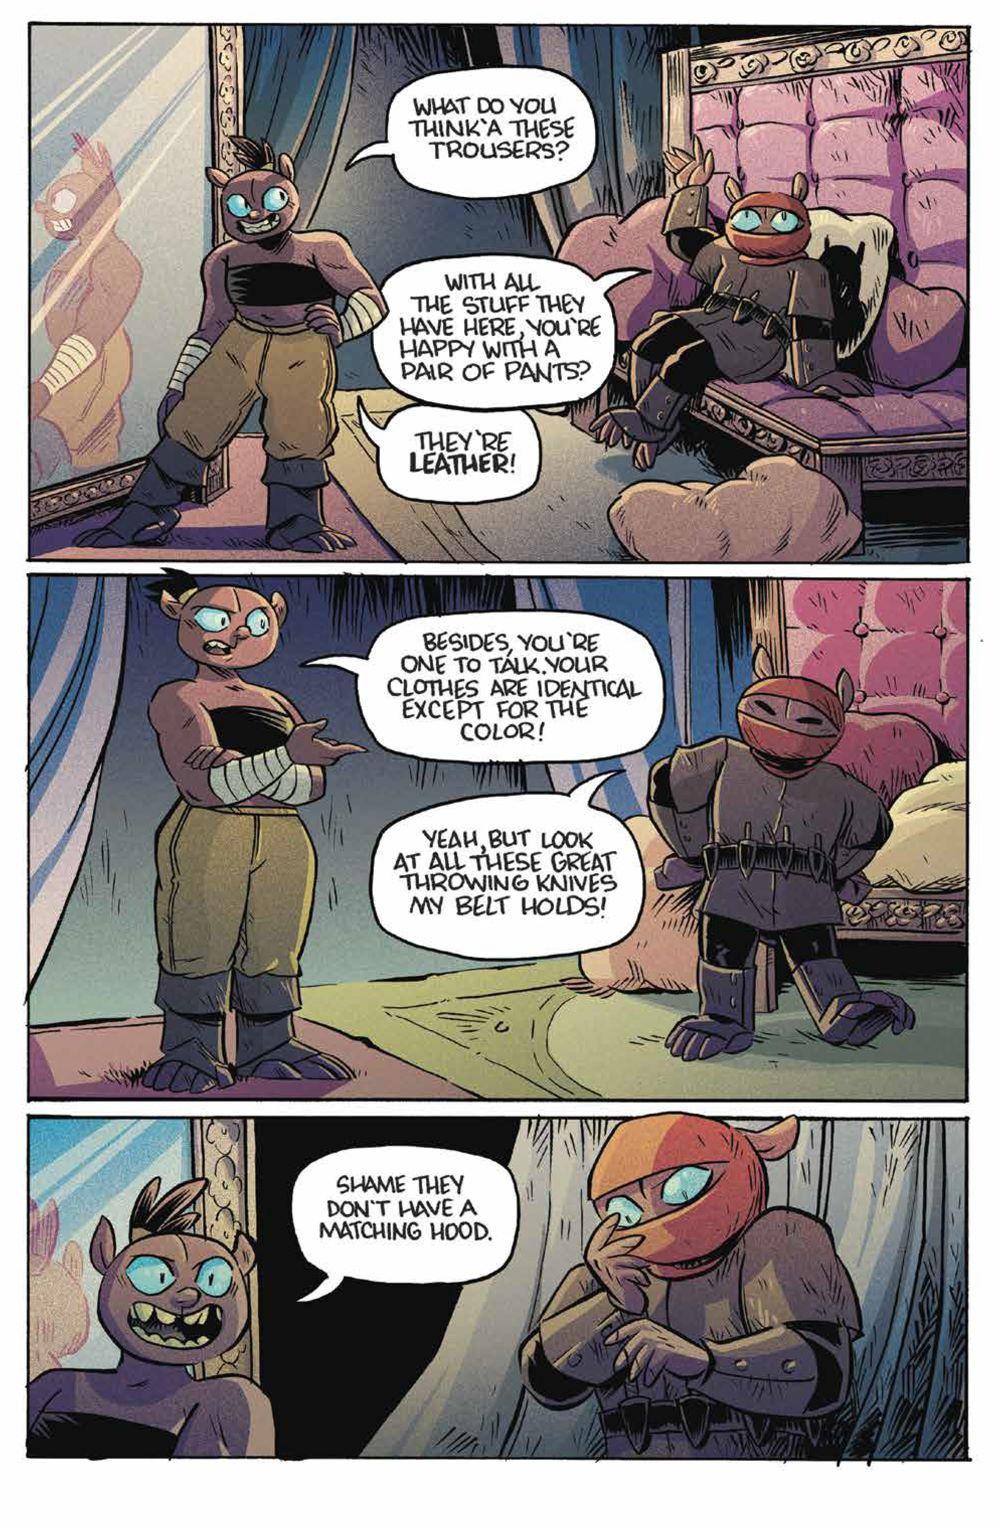 Orcs_005_PRESS_7 ComicList Previews: ORCS #5 (OF 6)